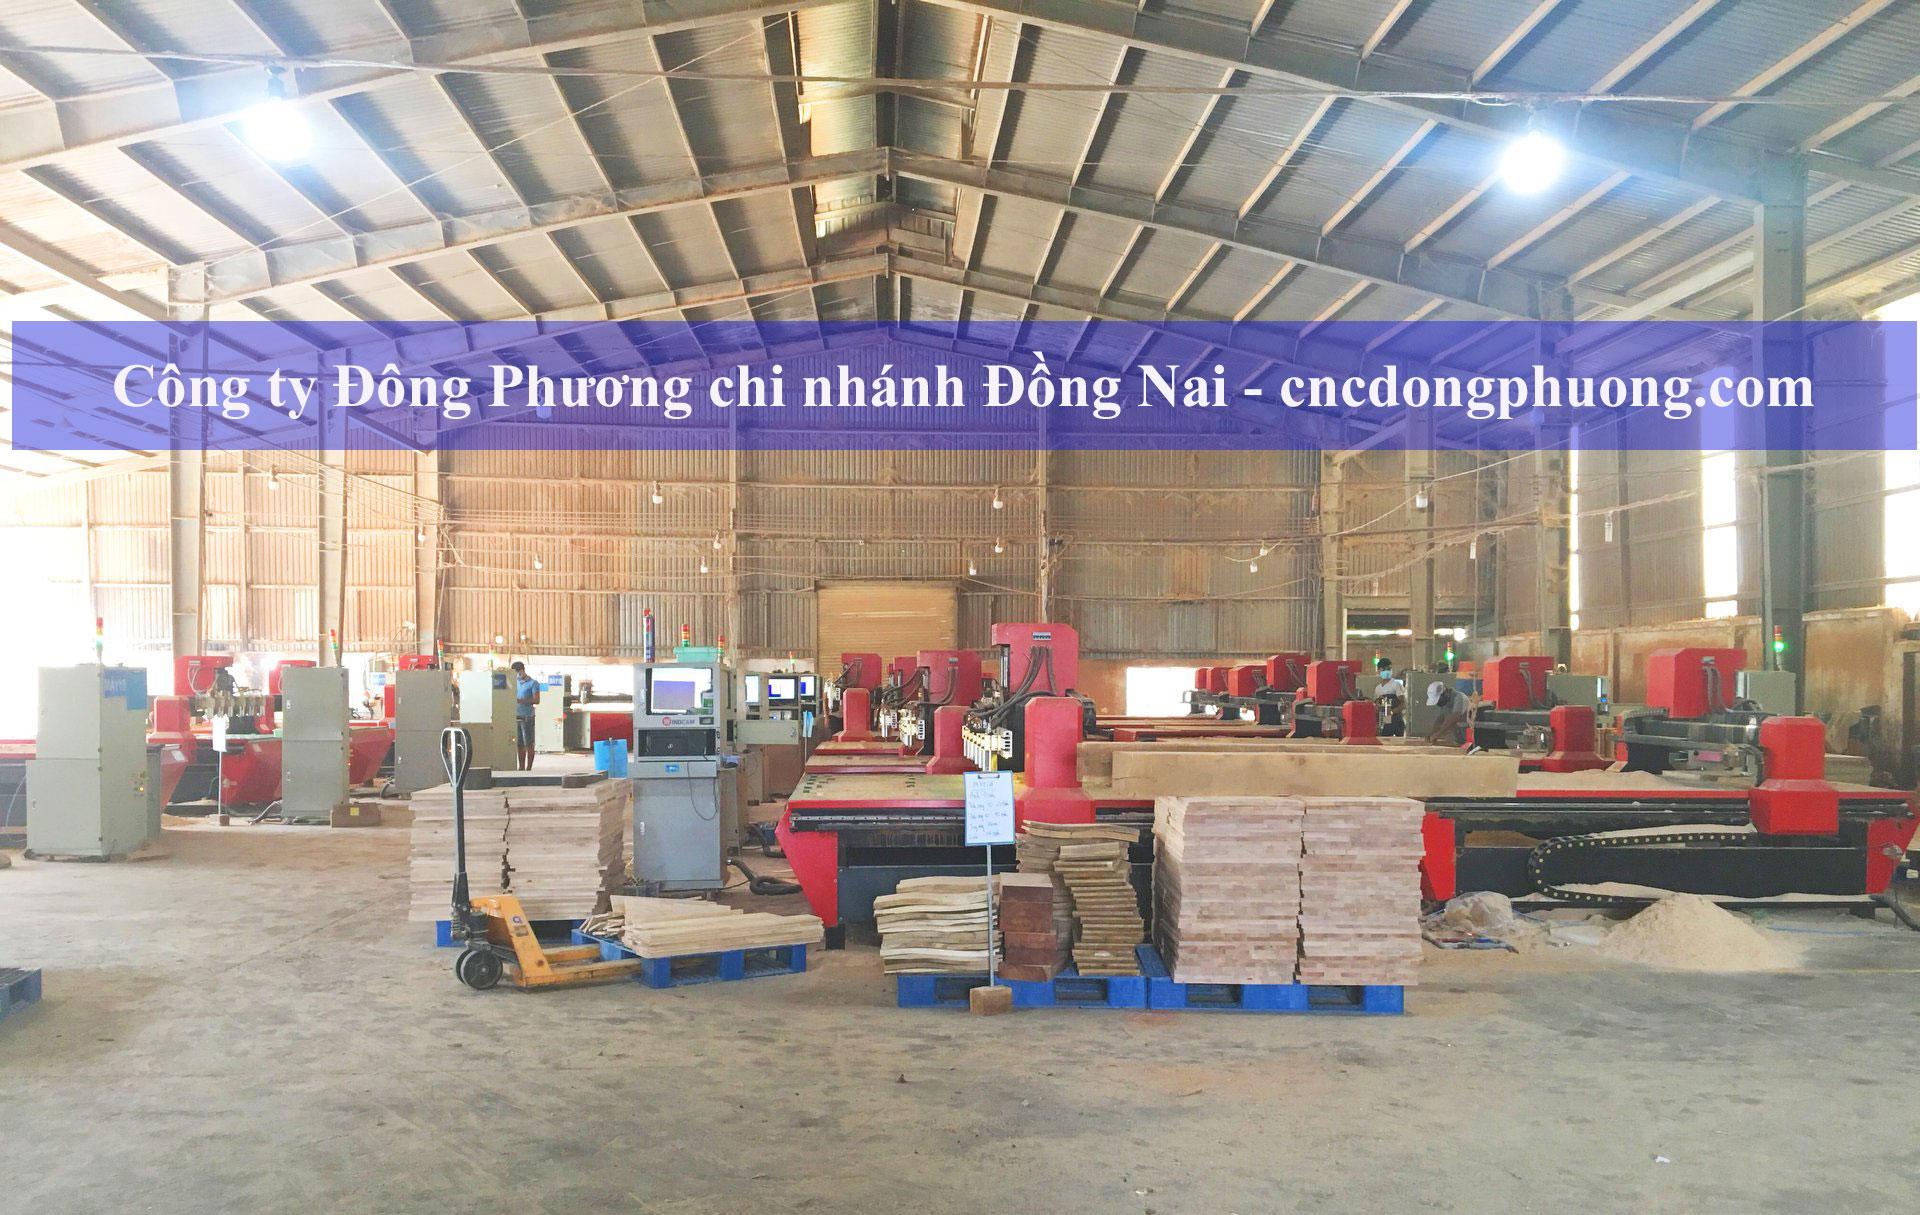 Đông Phương hợp tác cung cấp máy cnc gỗ cho các doanh nghiệp tại Bình Dương2